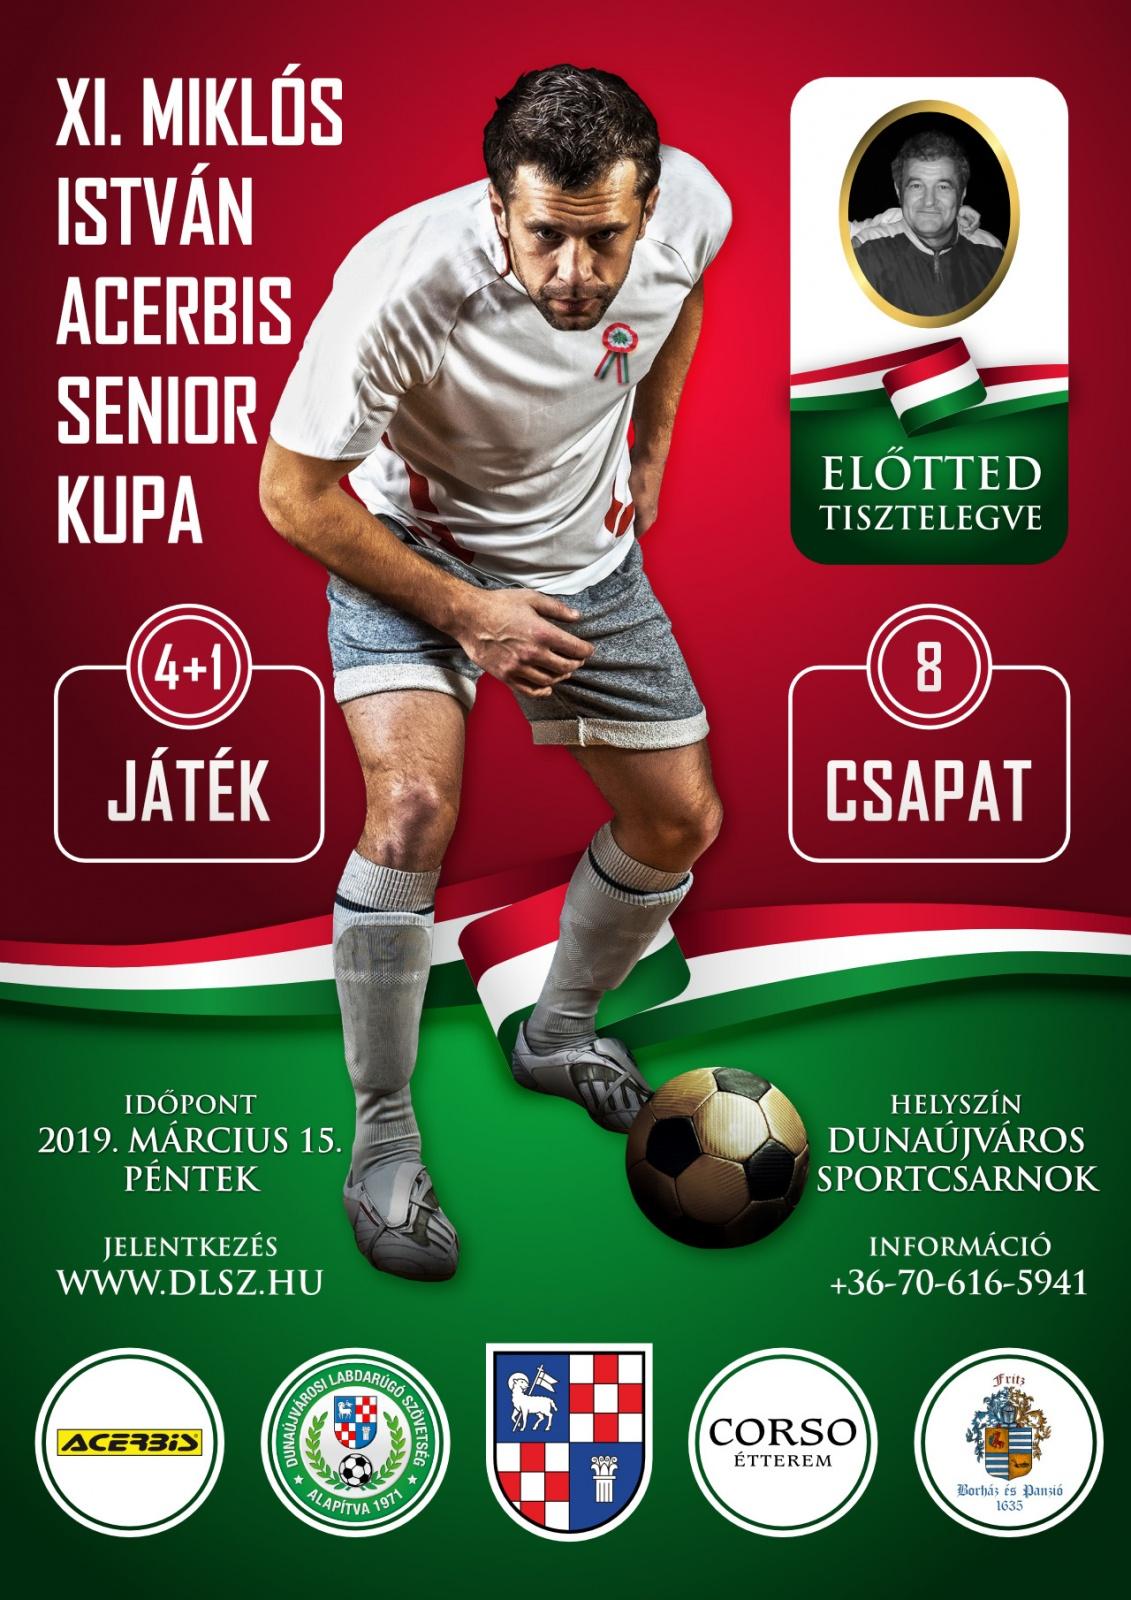 XI. Miklós István Acerbis Senior Foci Kupa | Dunaújvárosi ...